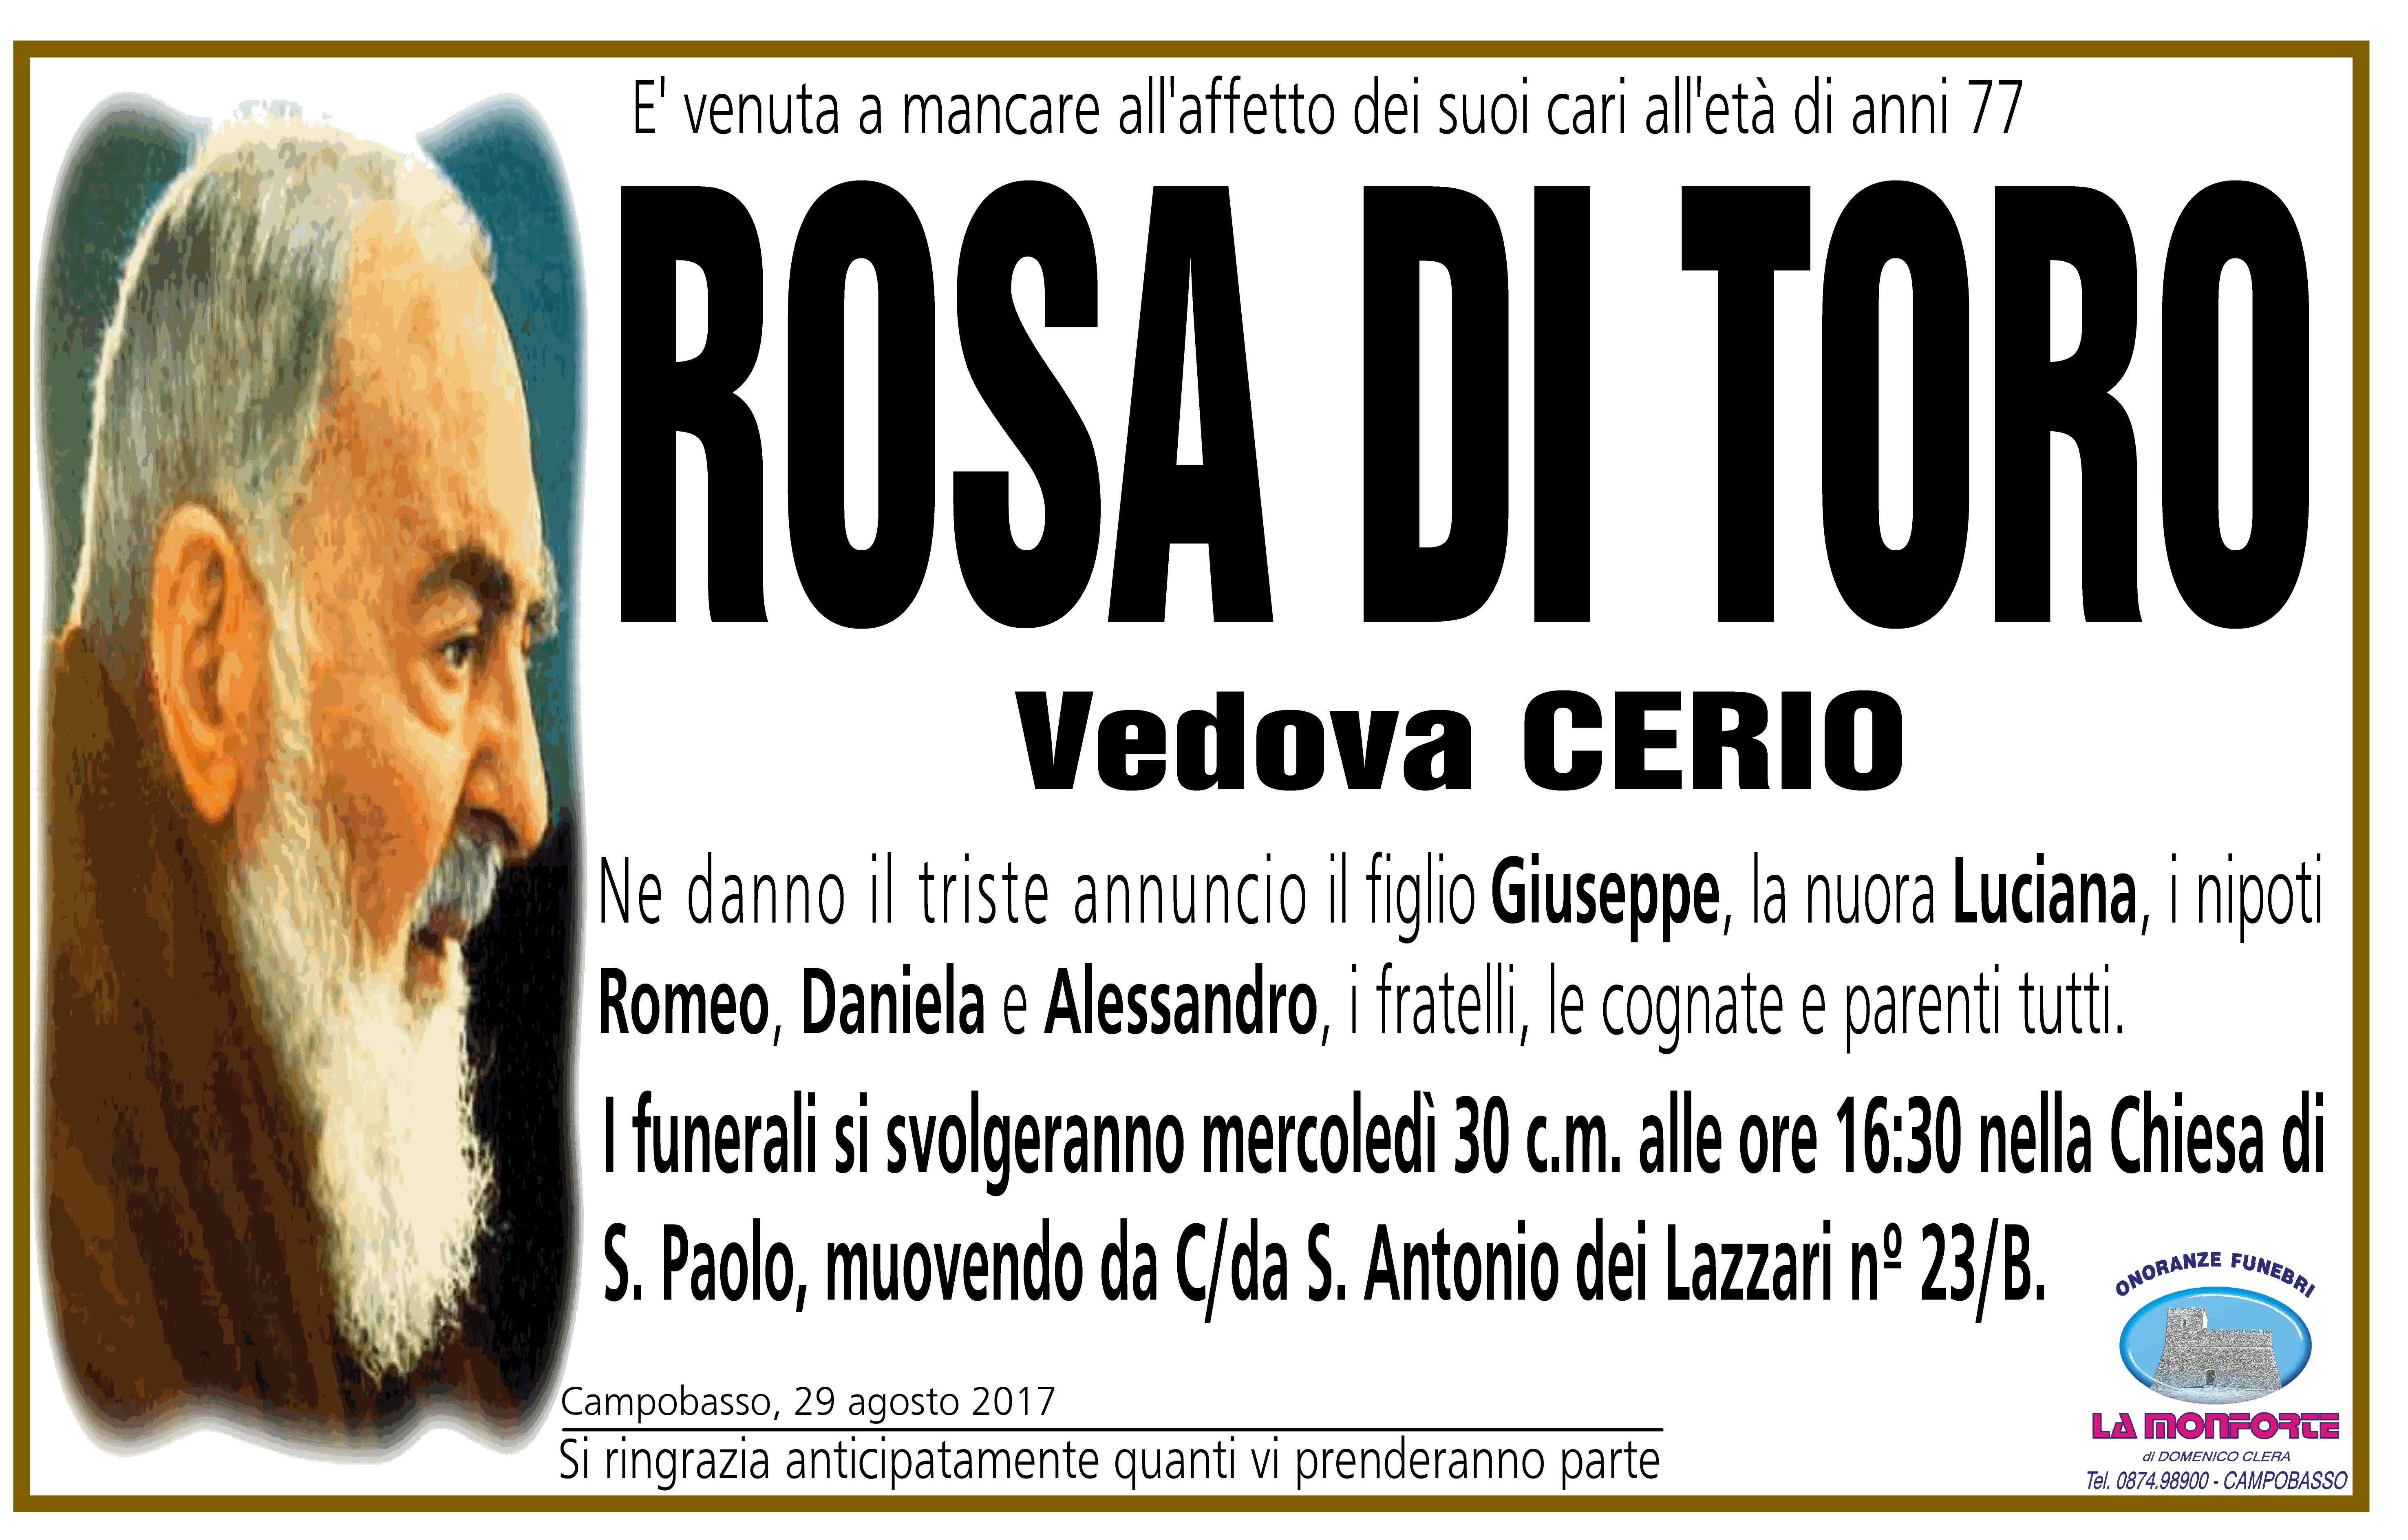 Rosa Di Toro, 29/08/2017, Campobasso – Onoranze Funebri La Monforte